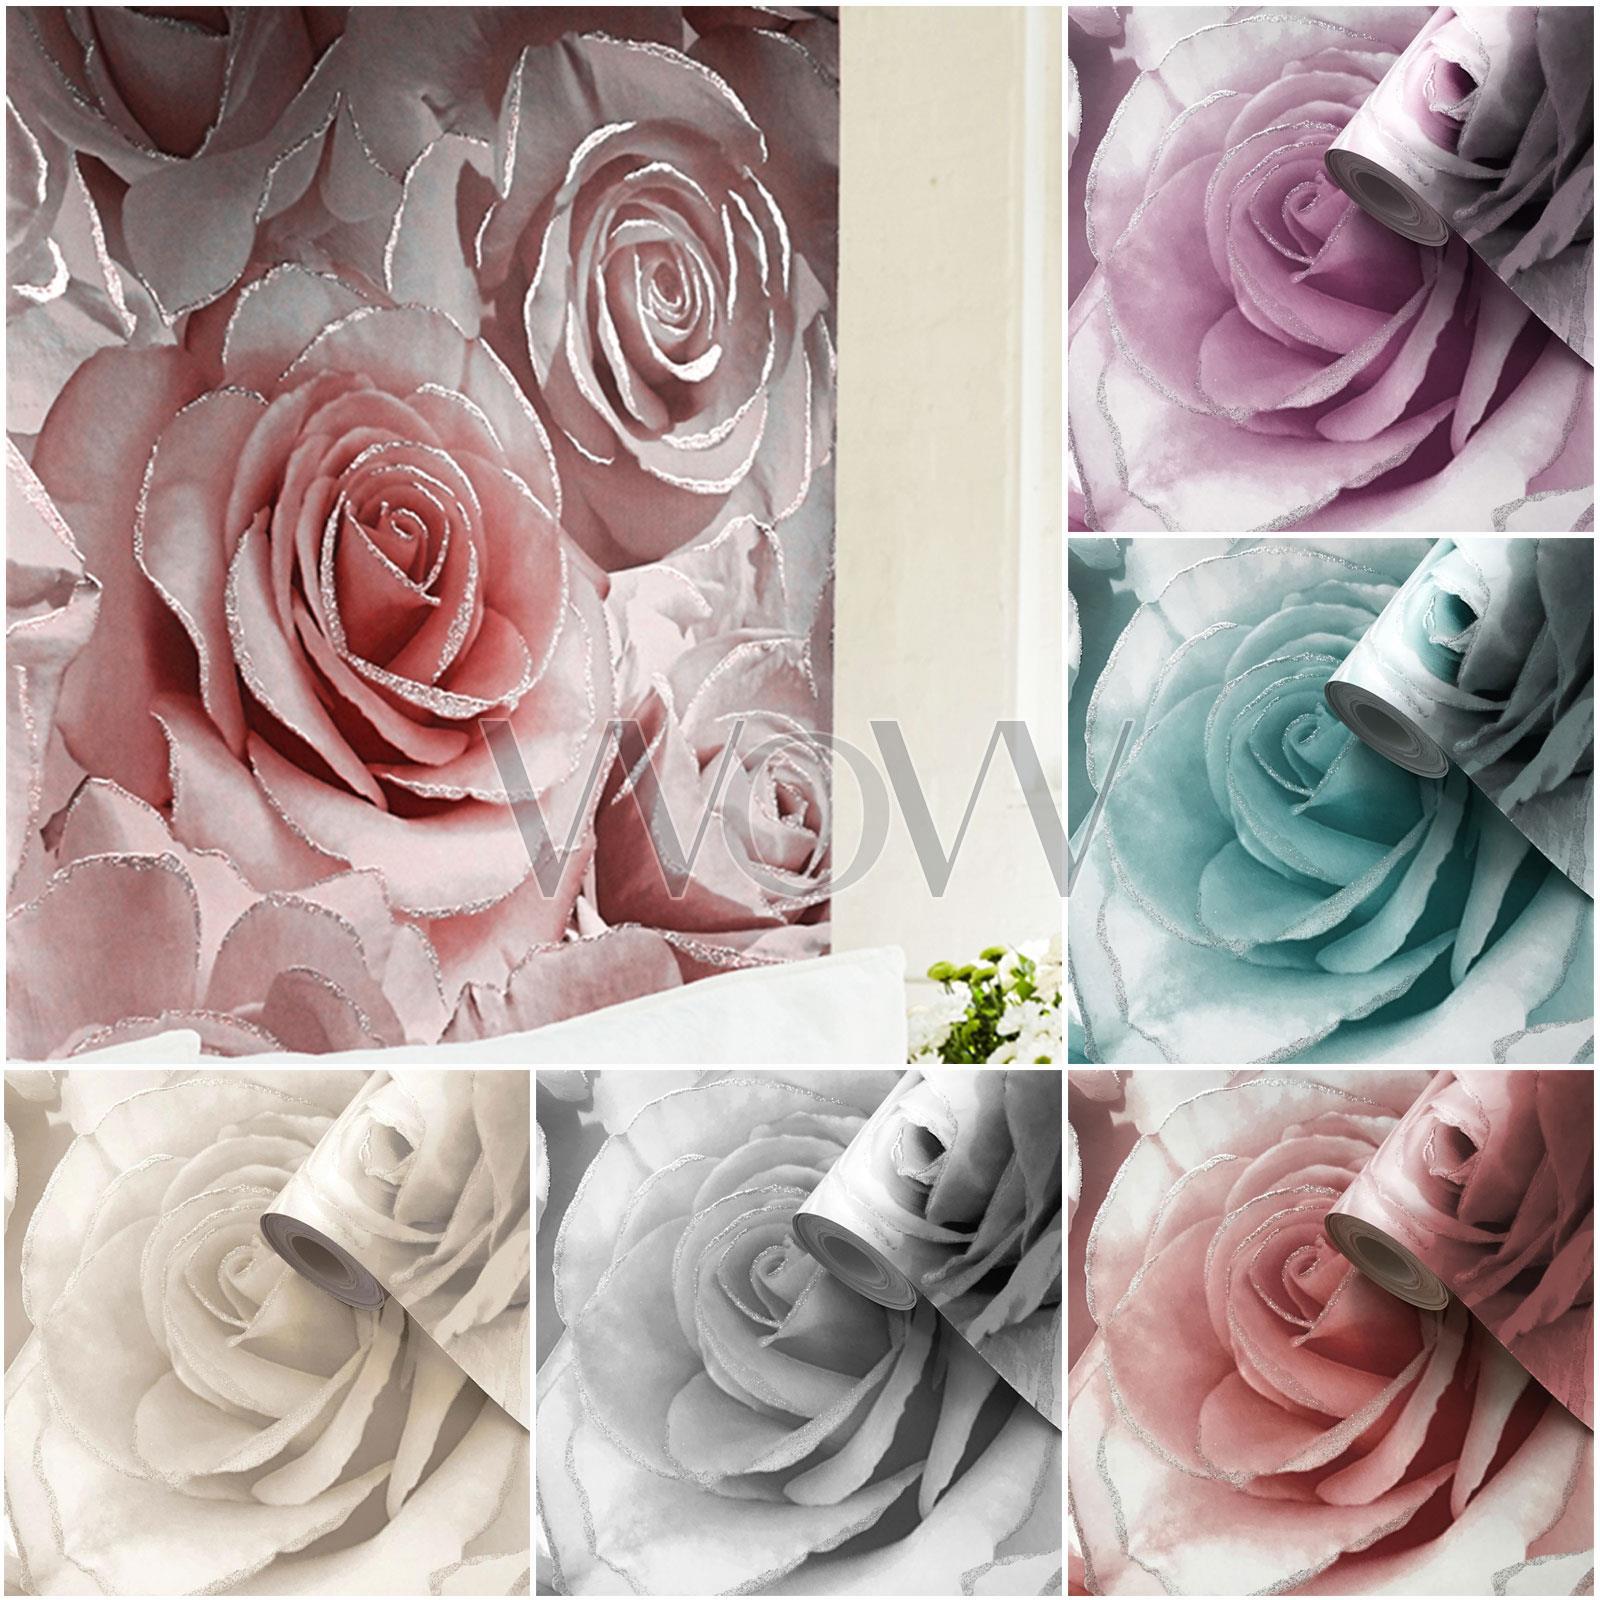 Muriva Rose Trellis Floral Wallpaper Pink Green Silver Metallic Garden Flower